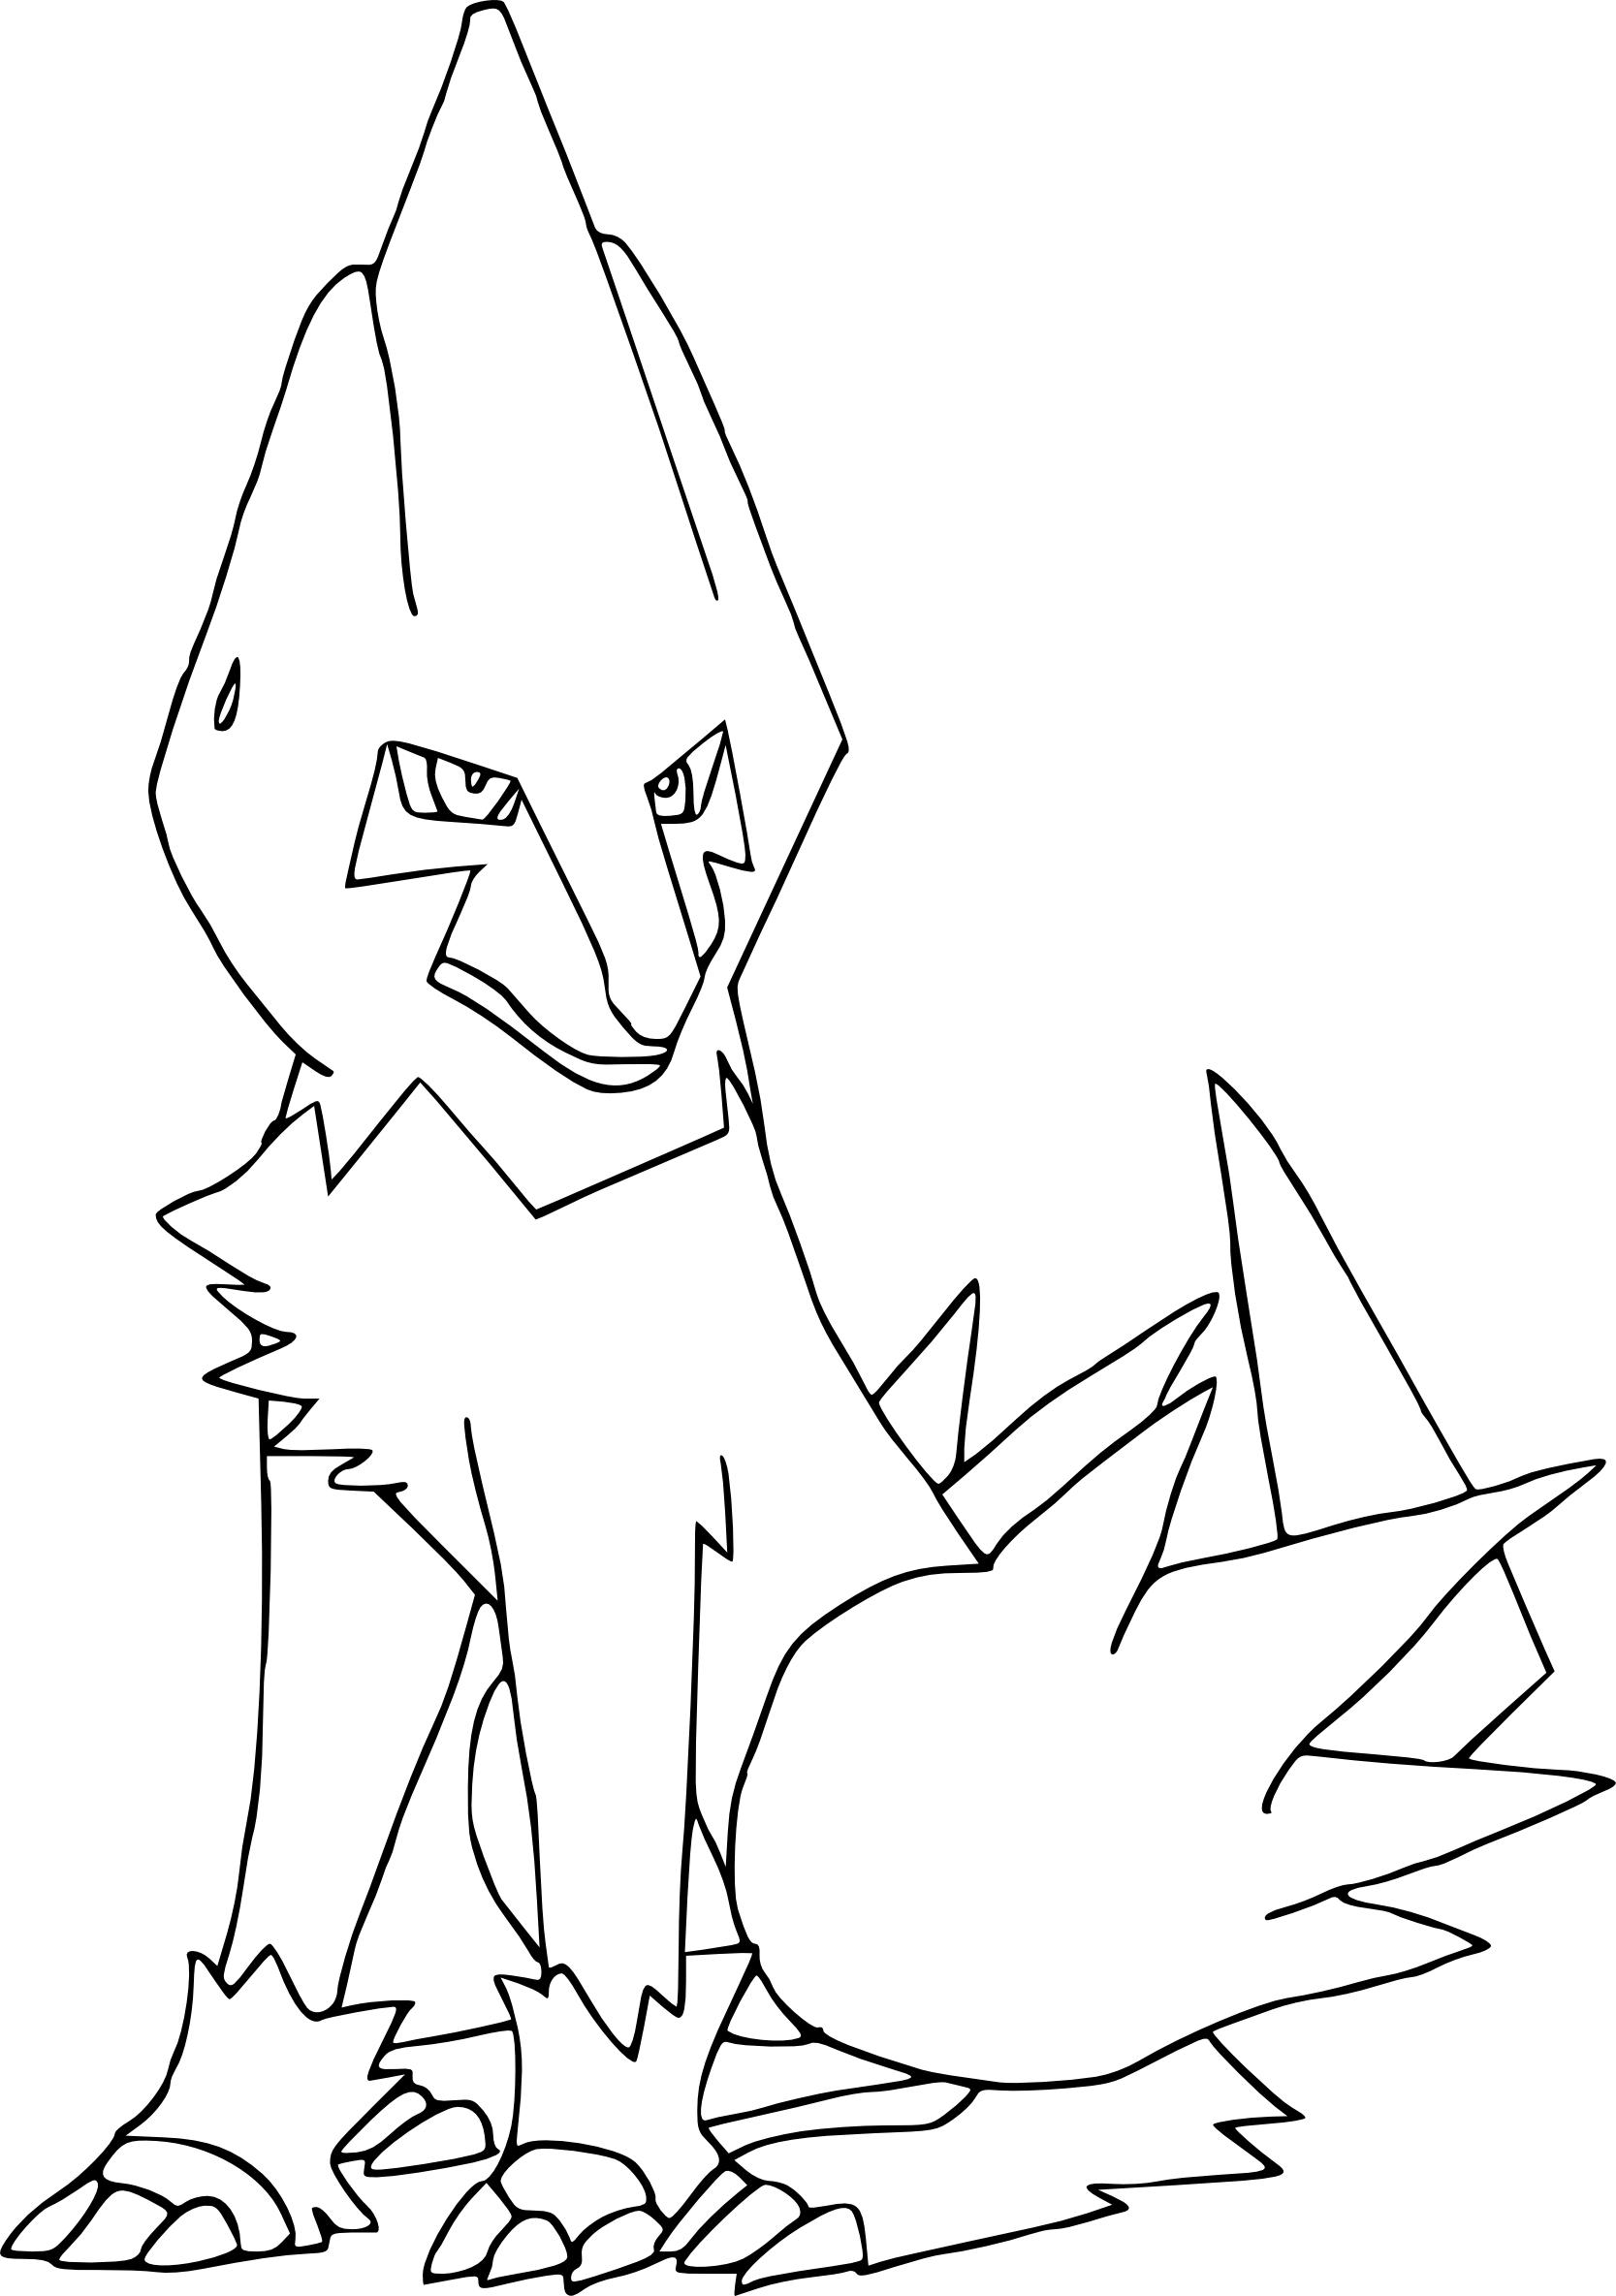 Coloriage Élecsprint Pokemon à imprimer et colorier